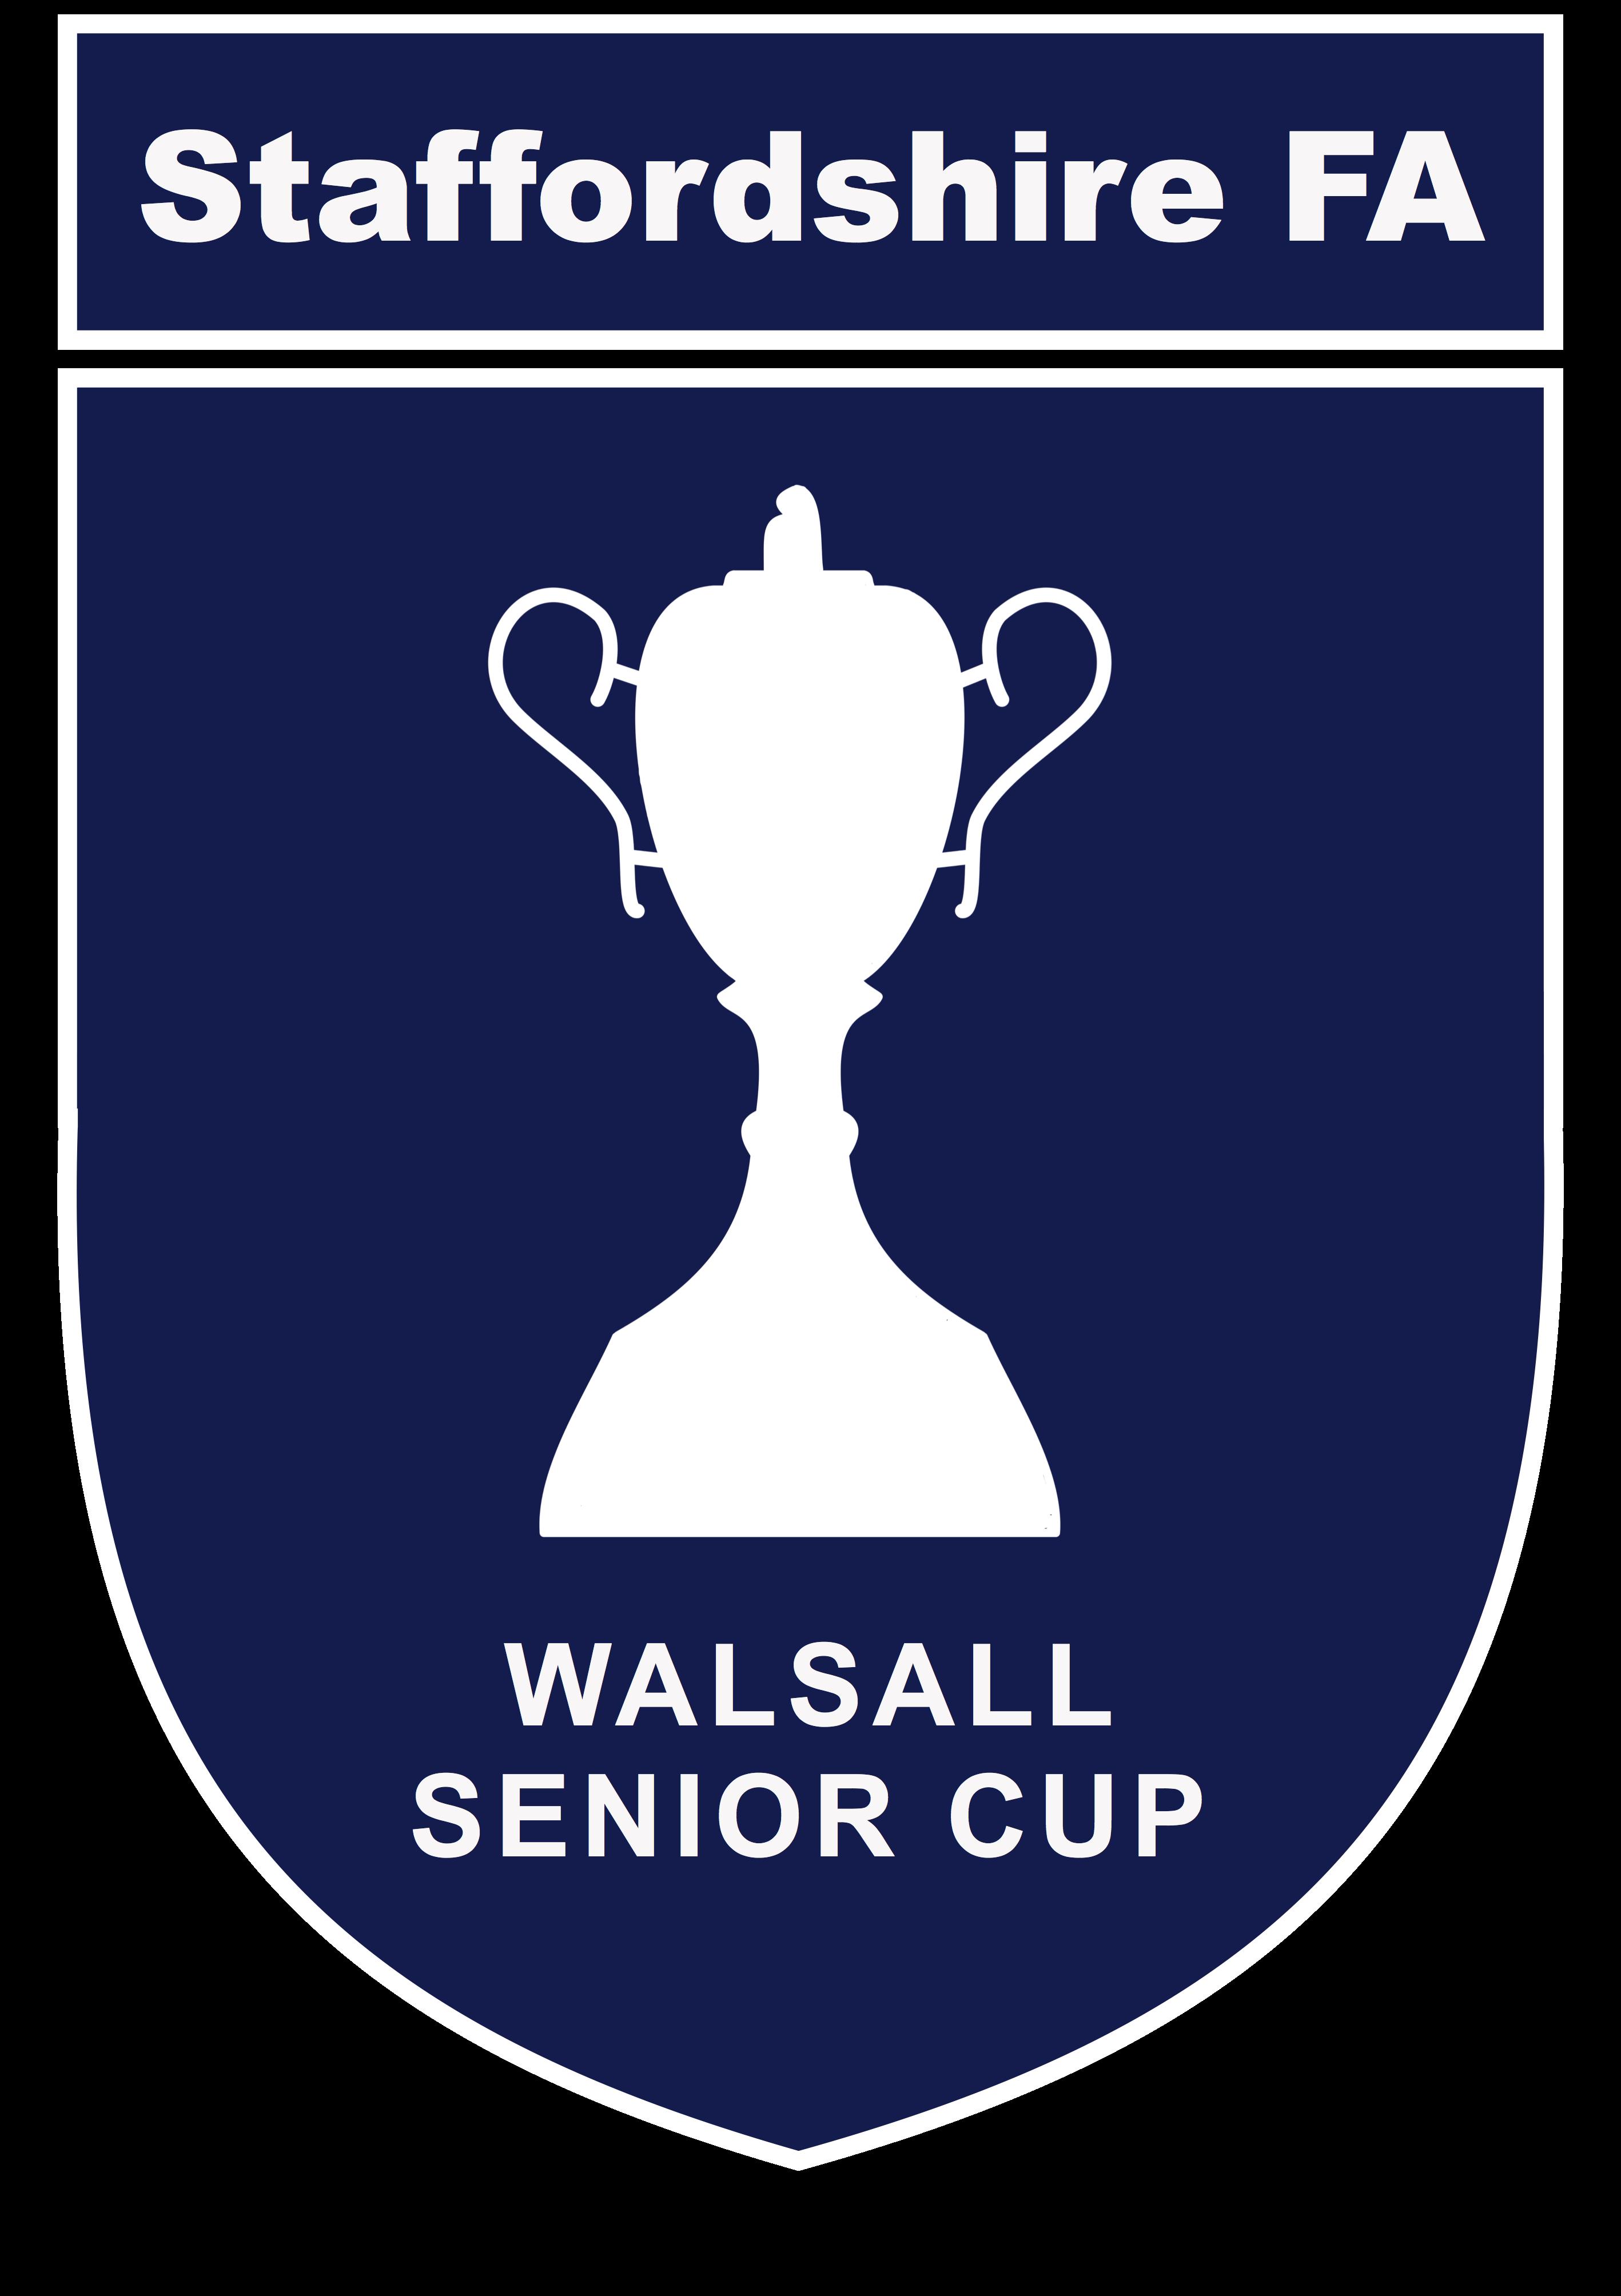 Walsall Senior Cup: Quarter Final Rescheduled